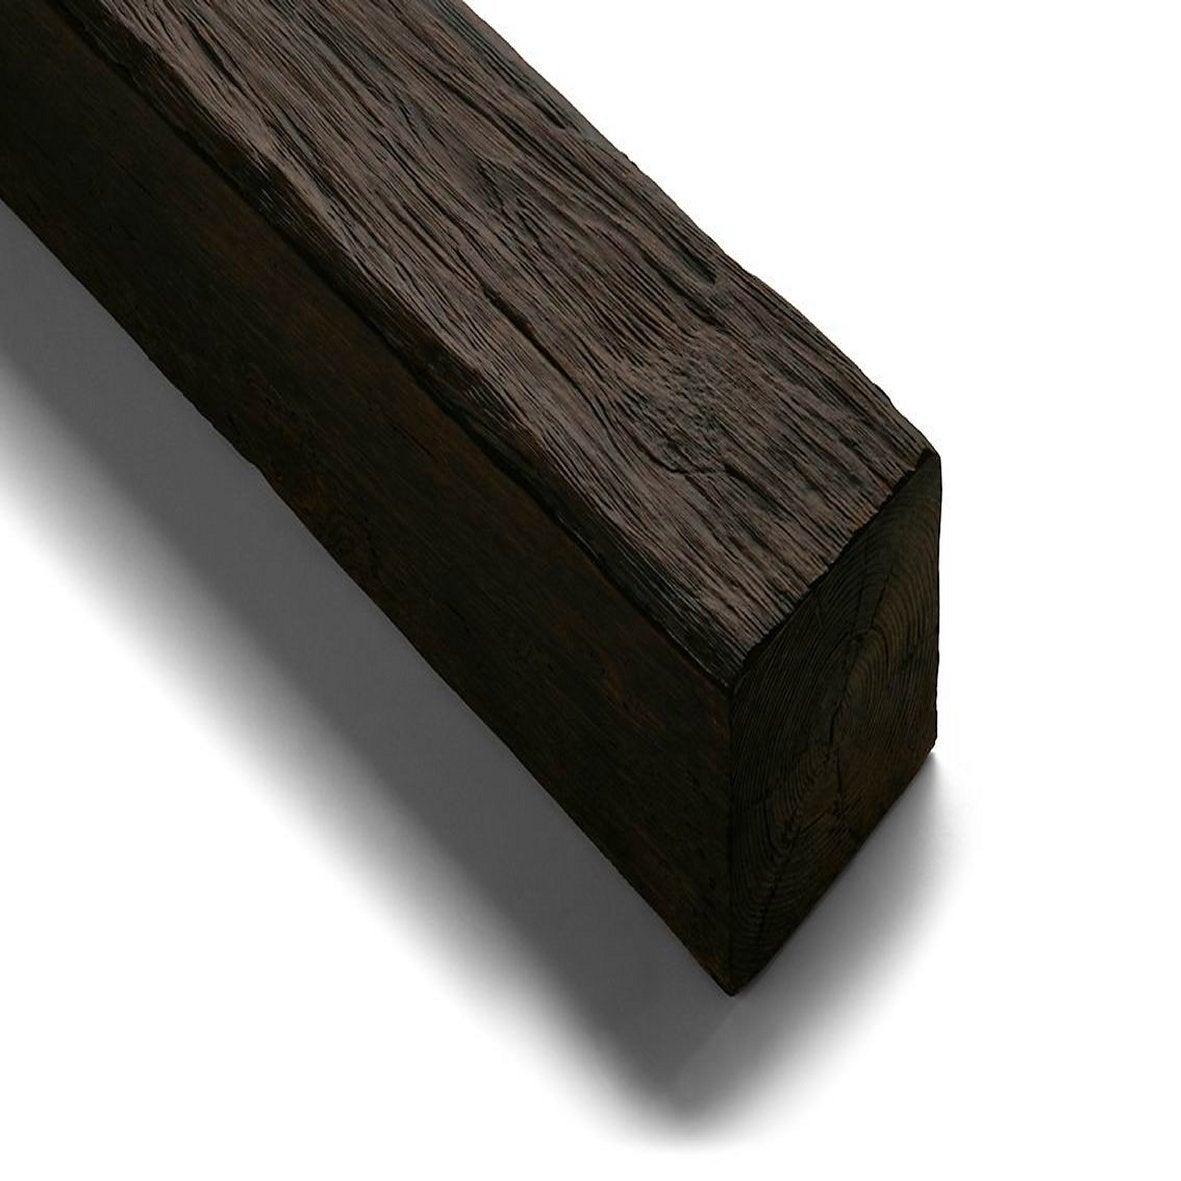 Comment faire une fausse poutre en bois - Poutre bois leroy merlin ...